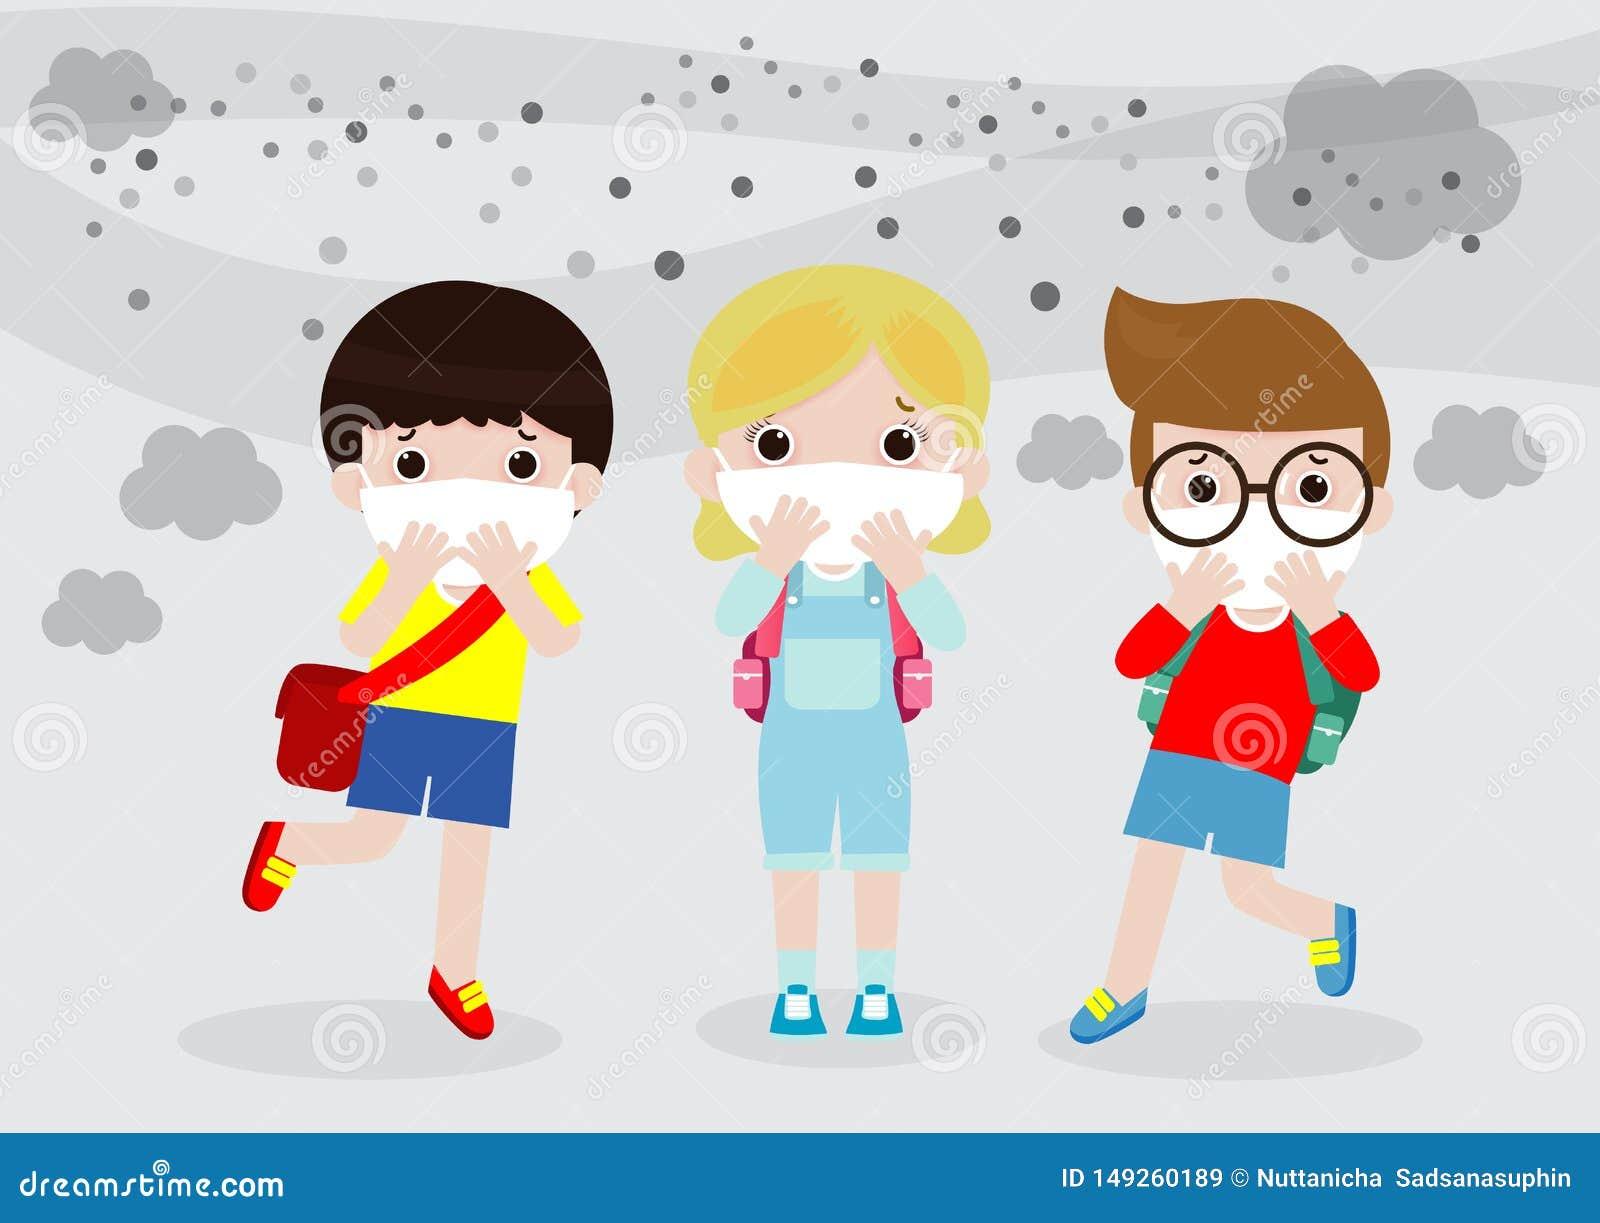 Jonge geitjes in maskers wegens fijn stof, jongen en meisje die masker dragen tegen smog Fijn stof, luchtvervuiling, industri?le